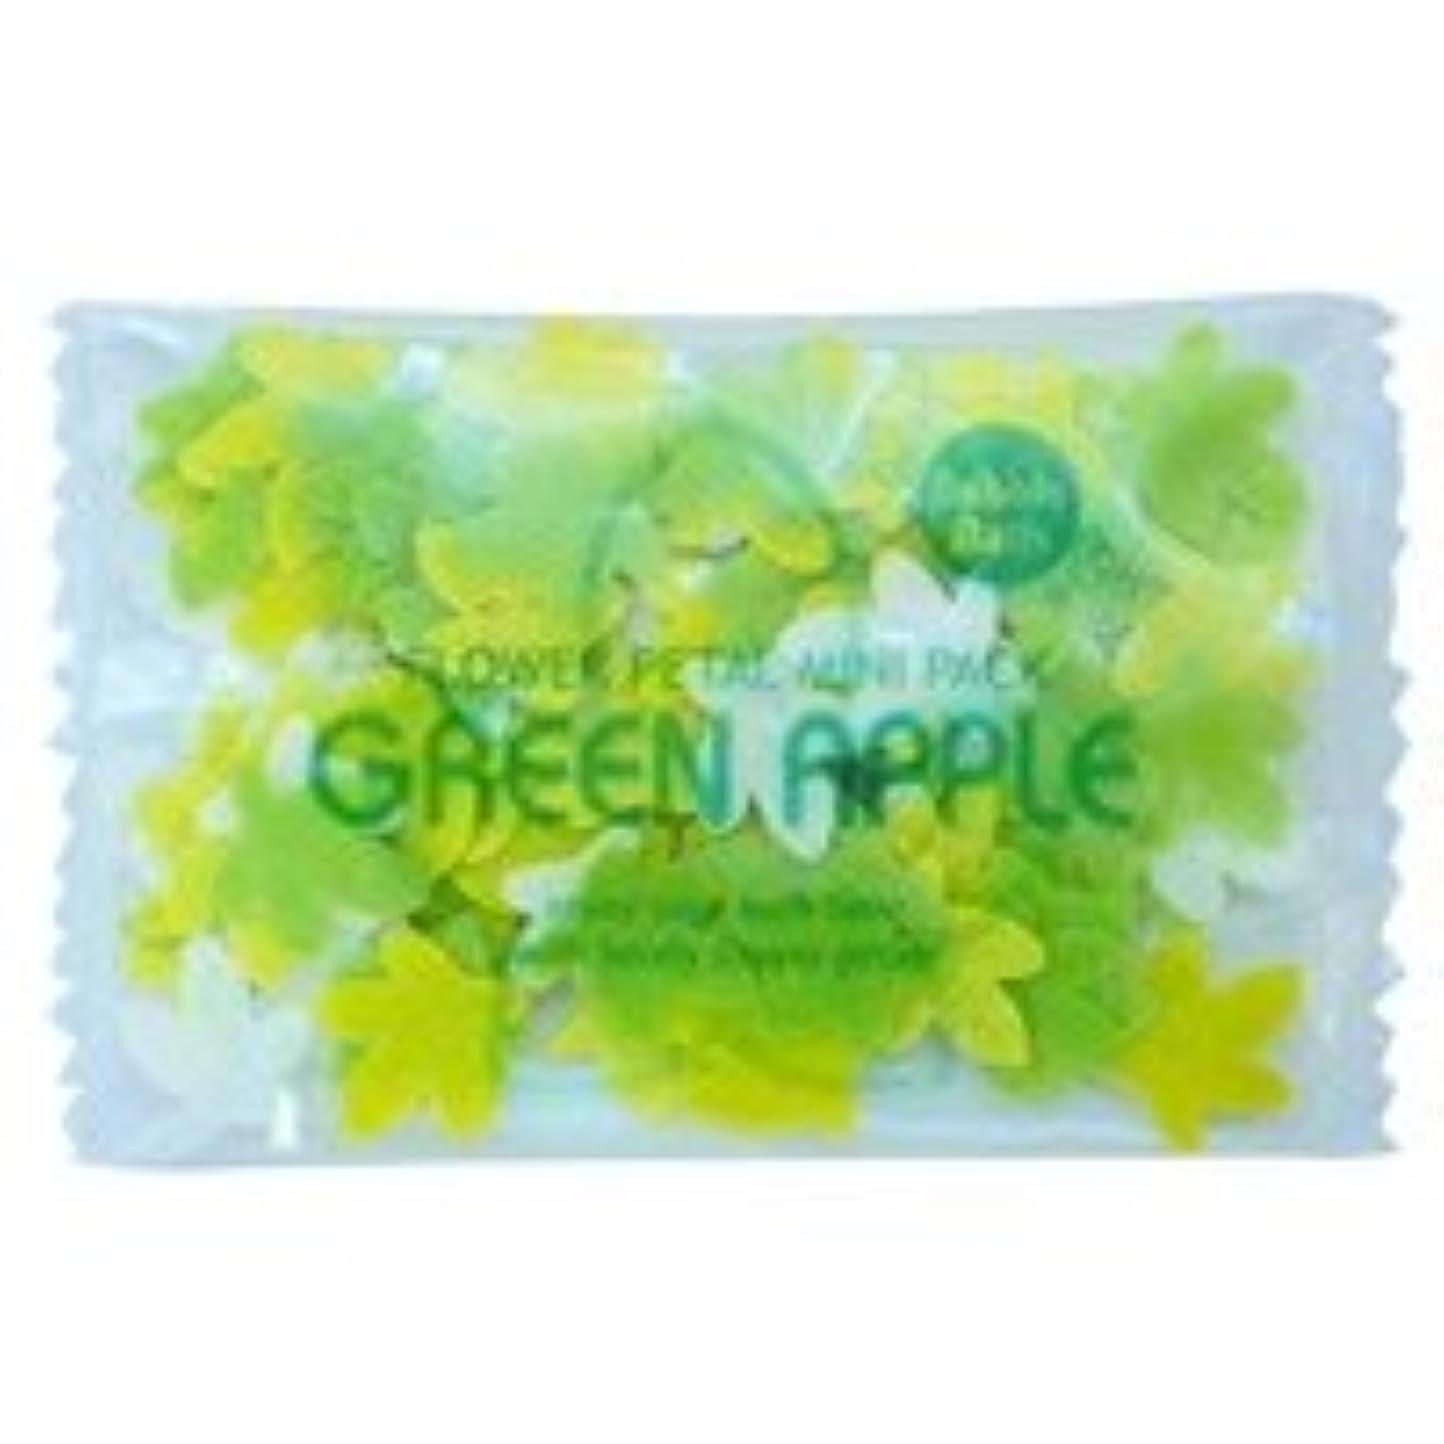 テレビ袋ランデブーフラワーペタル バブルバス ミニパック「グリーンアップル」20個セット ストレスから解放されたい日に疲れた心を解きほぐしてくれるフレッシュなグリーンアップルの香り